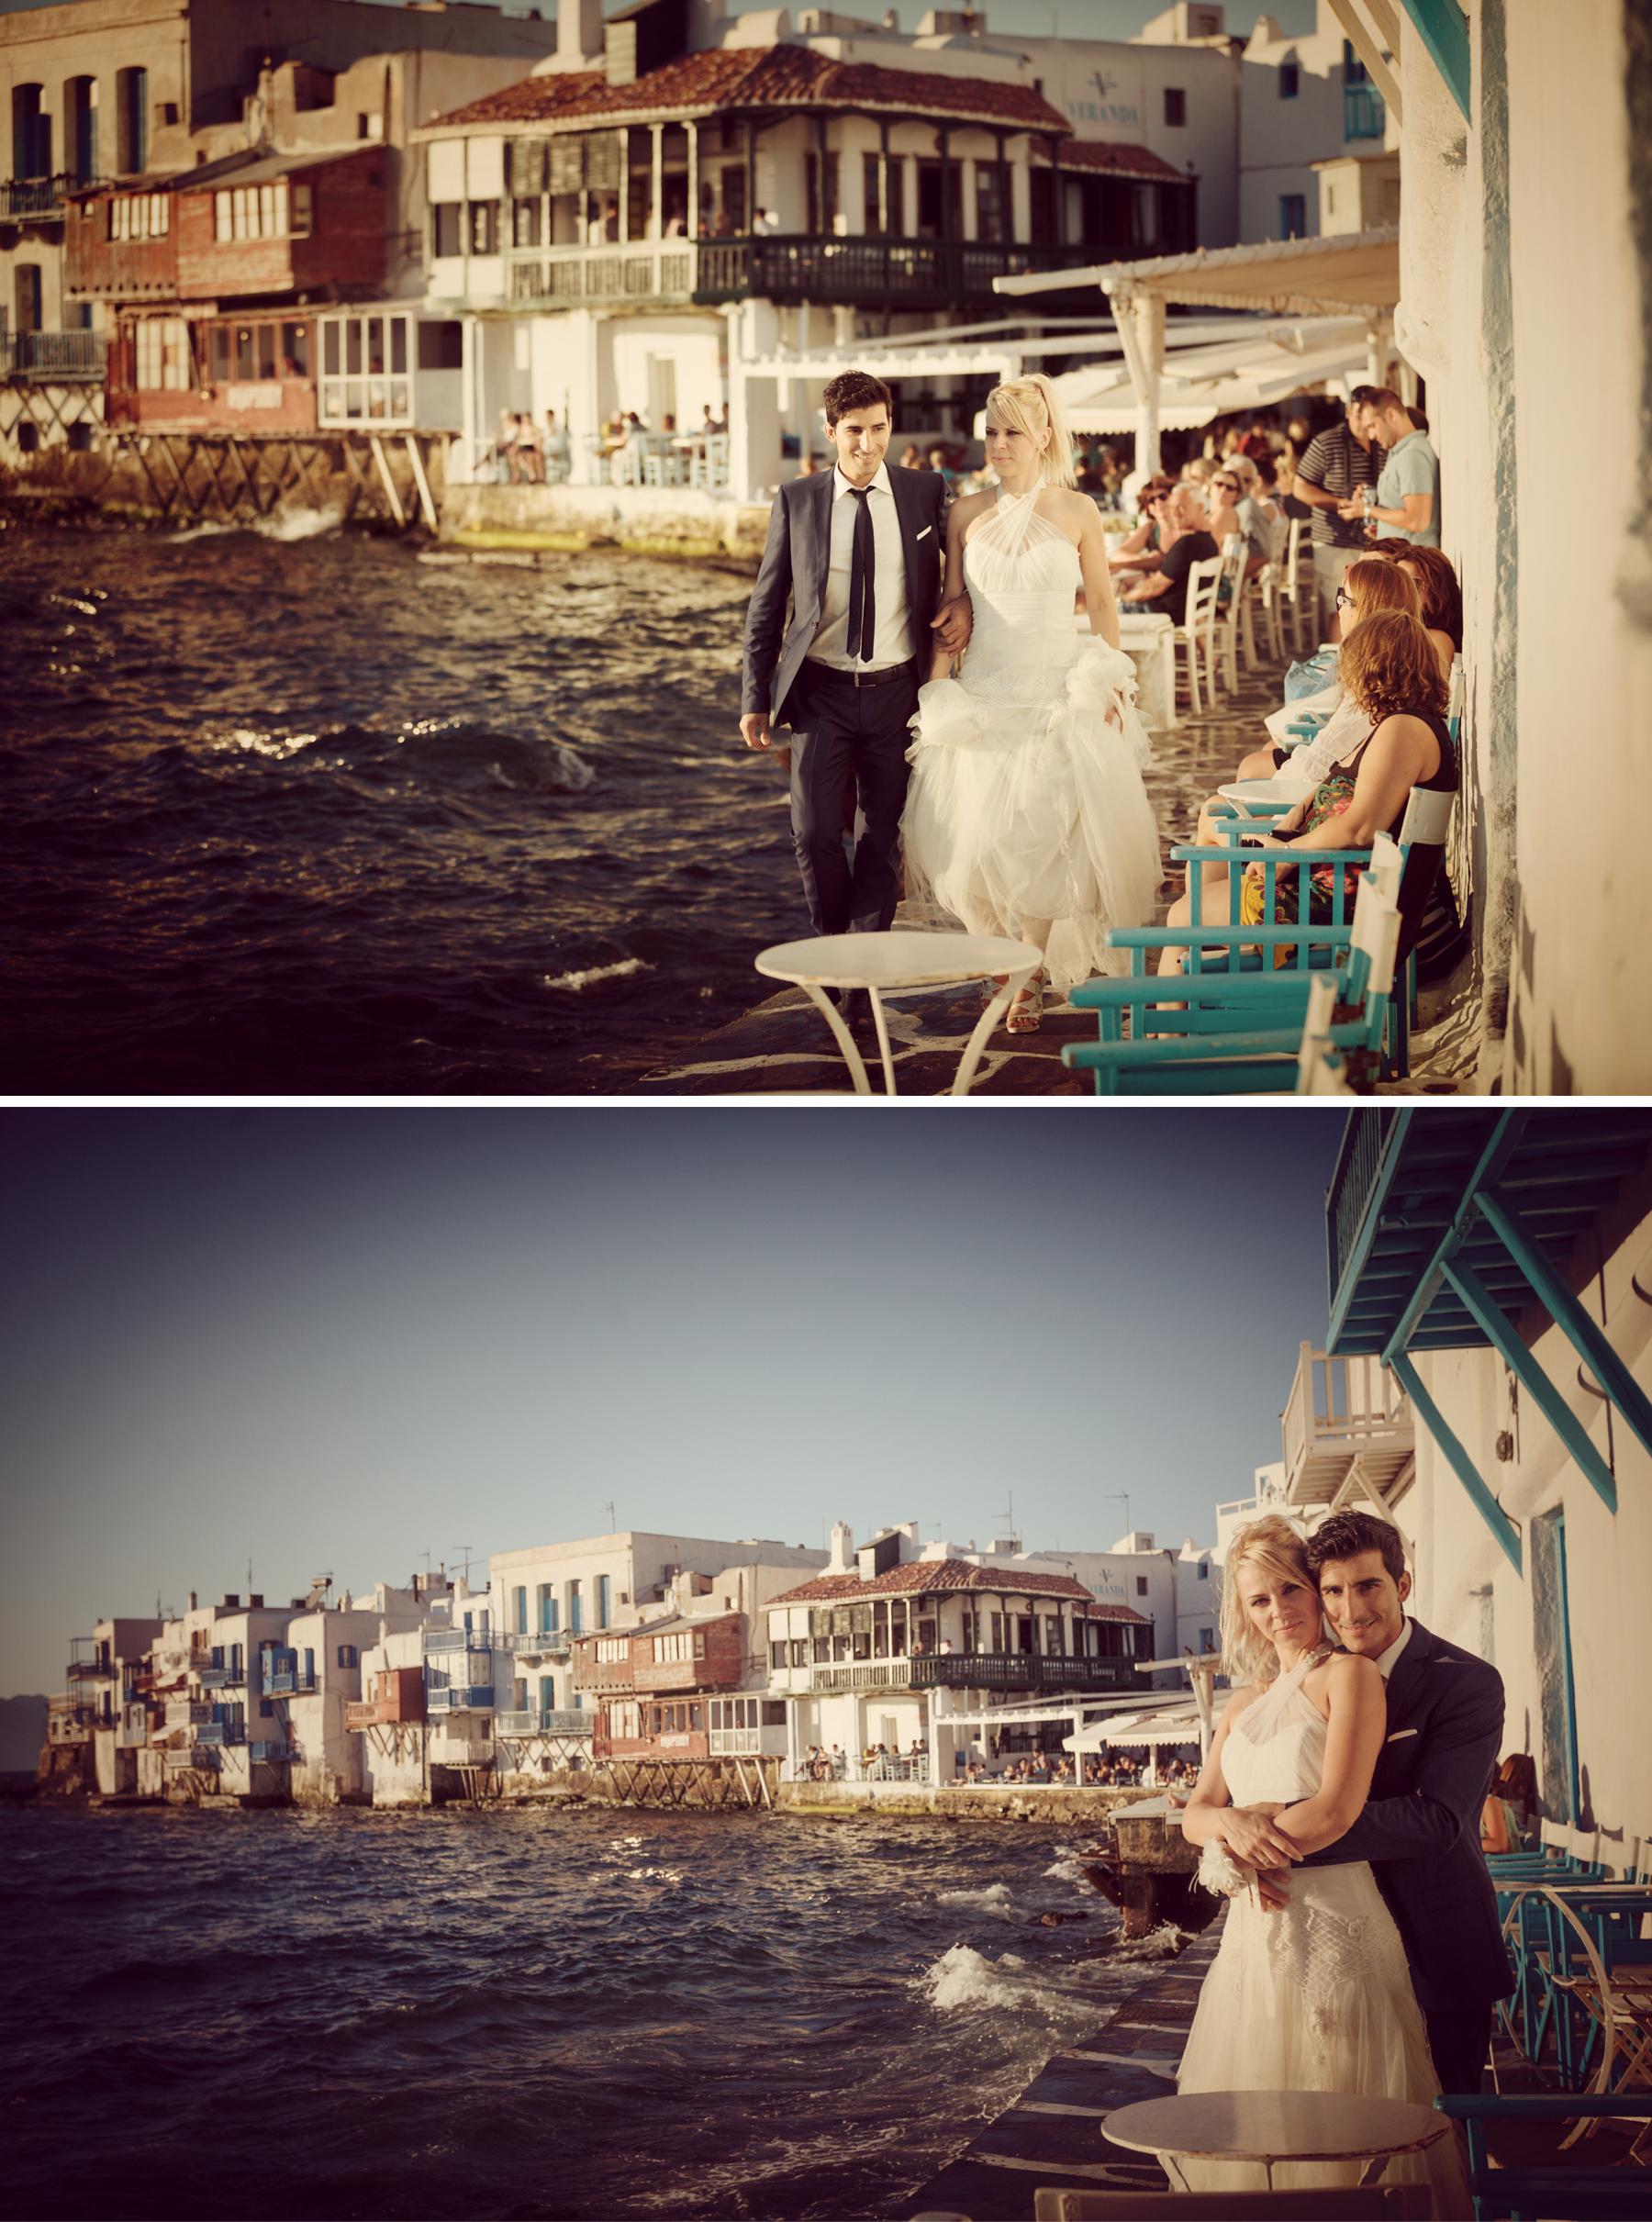 ANDRIOPOULOS WEDDINGS MYKONOS MYK_264.jpg